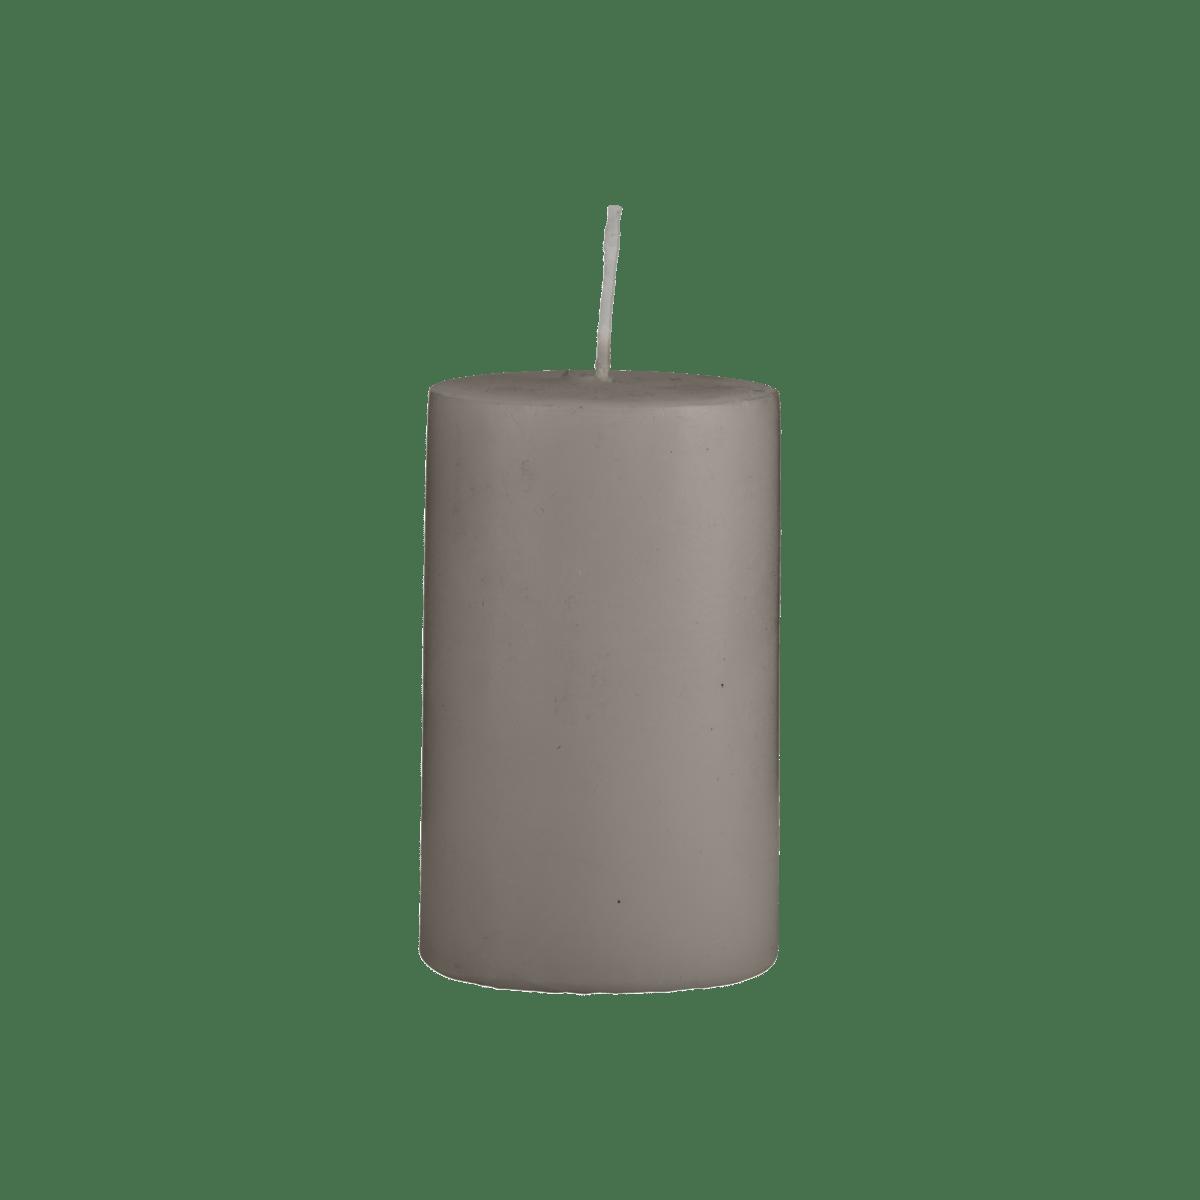 Šedohnědá svíčka 6x10 cm - set 2 kusů